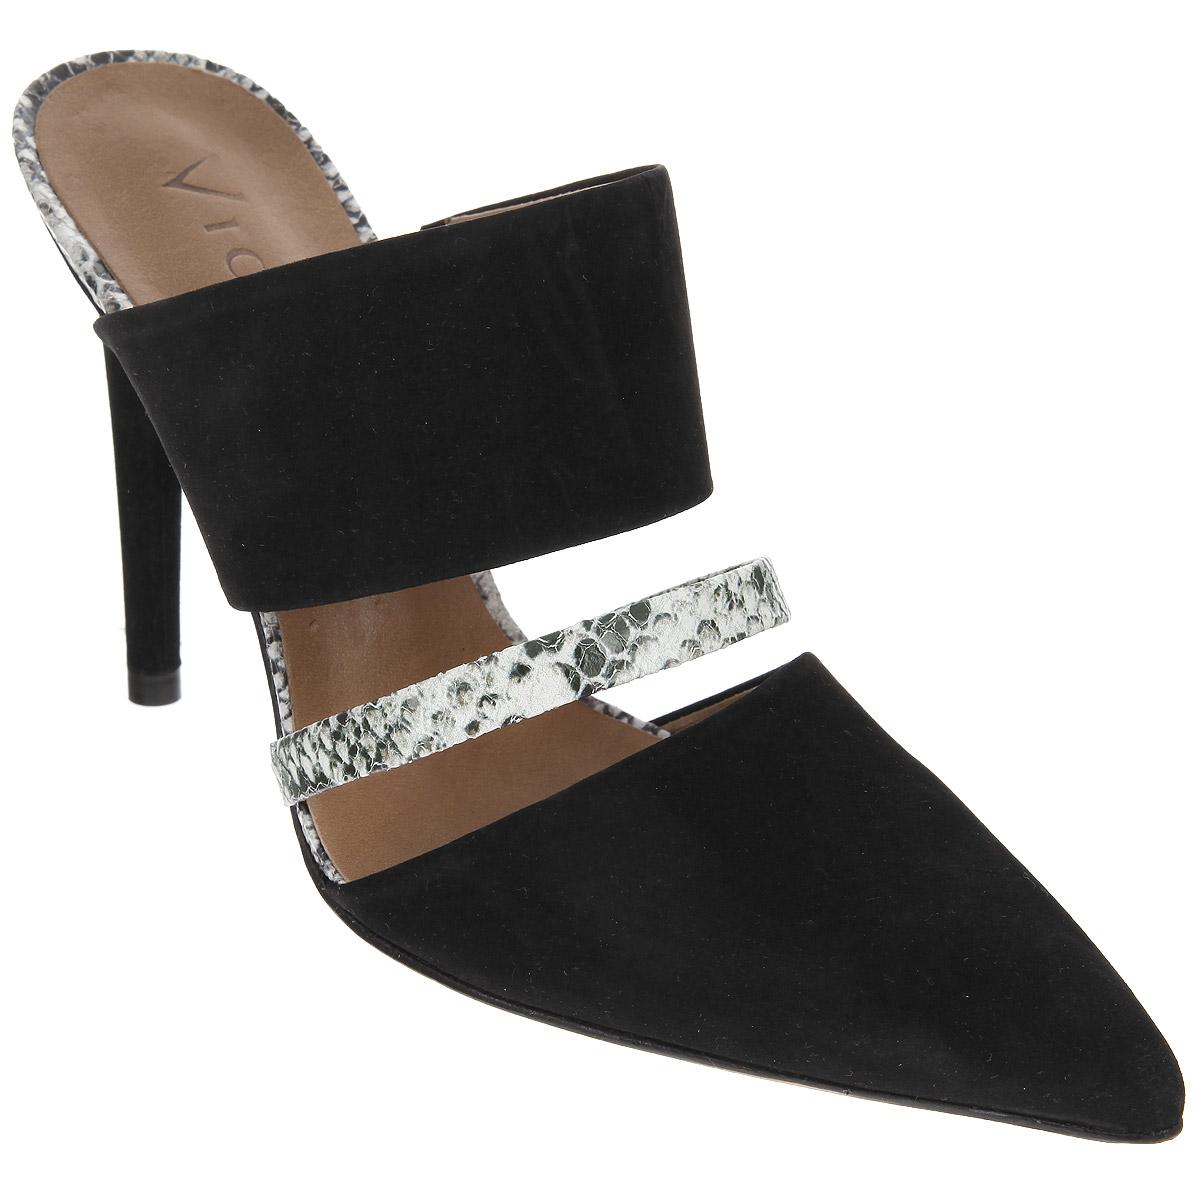 Сабо женские. 64331716433171Элегантные сабо от Vicenza займут достойное место среди вашей коллекции обуви. Модель выполнена из натурального нубука со вставками из натуральной кожи и декорирована оригинальными вырезами у основания подъема. Поперечный ремешок и верхняя часть подошвы оформлены принтом под змеиную кожу. Заостренный вытянутый носок смотрится невероятно женственно. Стелька из натуральной кожи комфортна при ходьбе. Ультравысокий каблук подчеркнет красоту и стройность ваших ног. Стильные сабо внесут изысканные нотки в ваш модный образ!